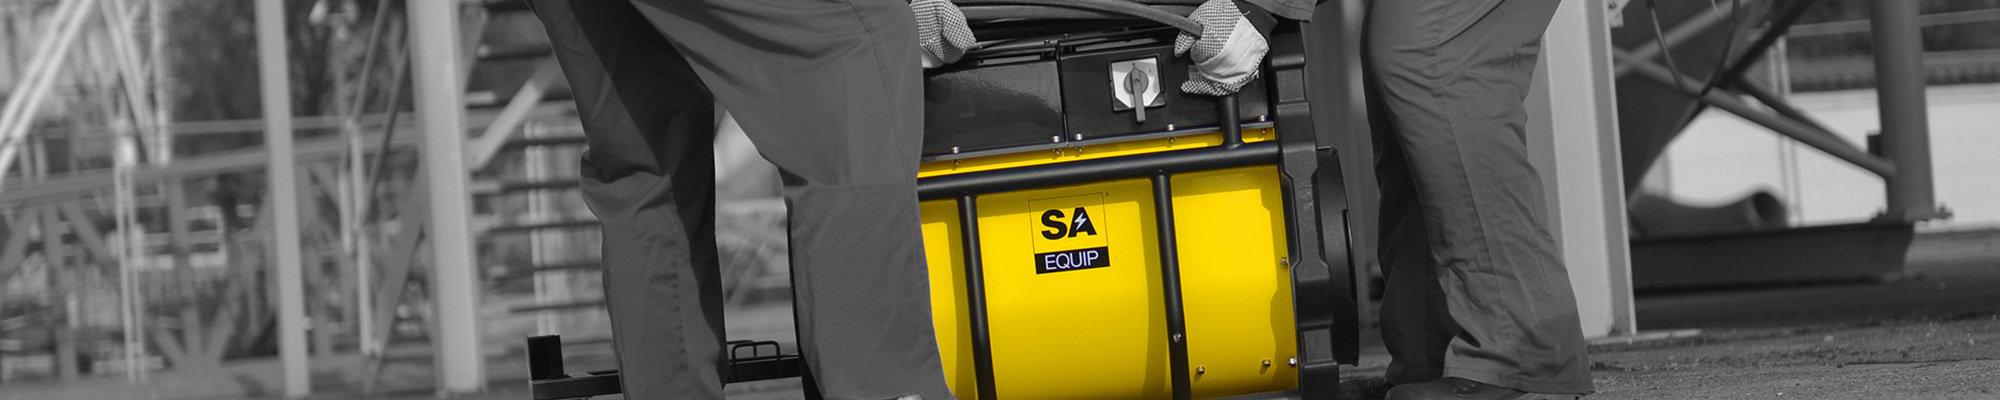 Взрывозащищенные обогреватели SA Equip